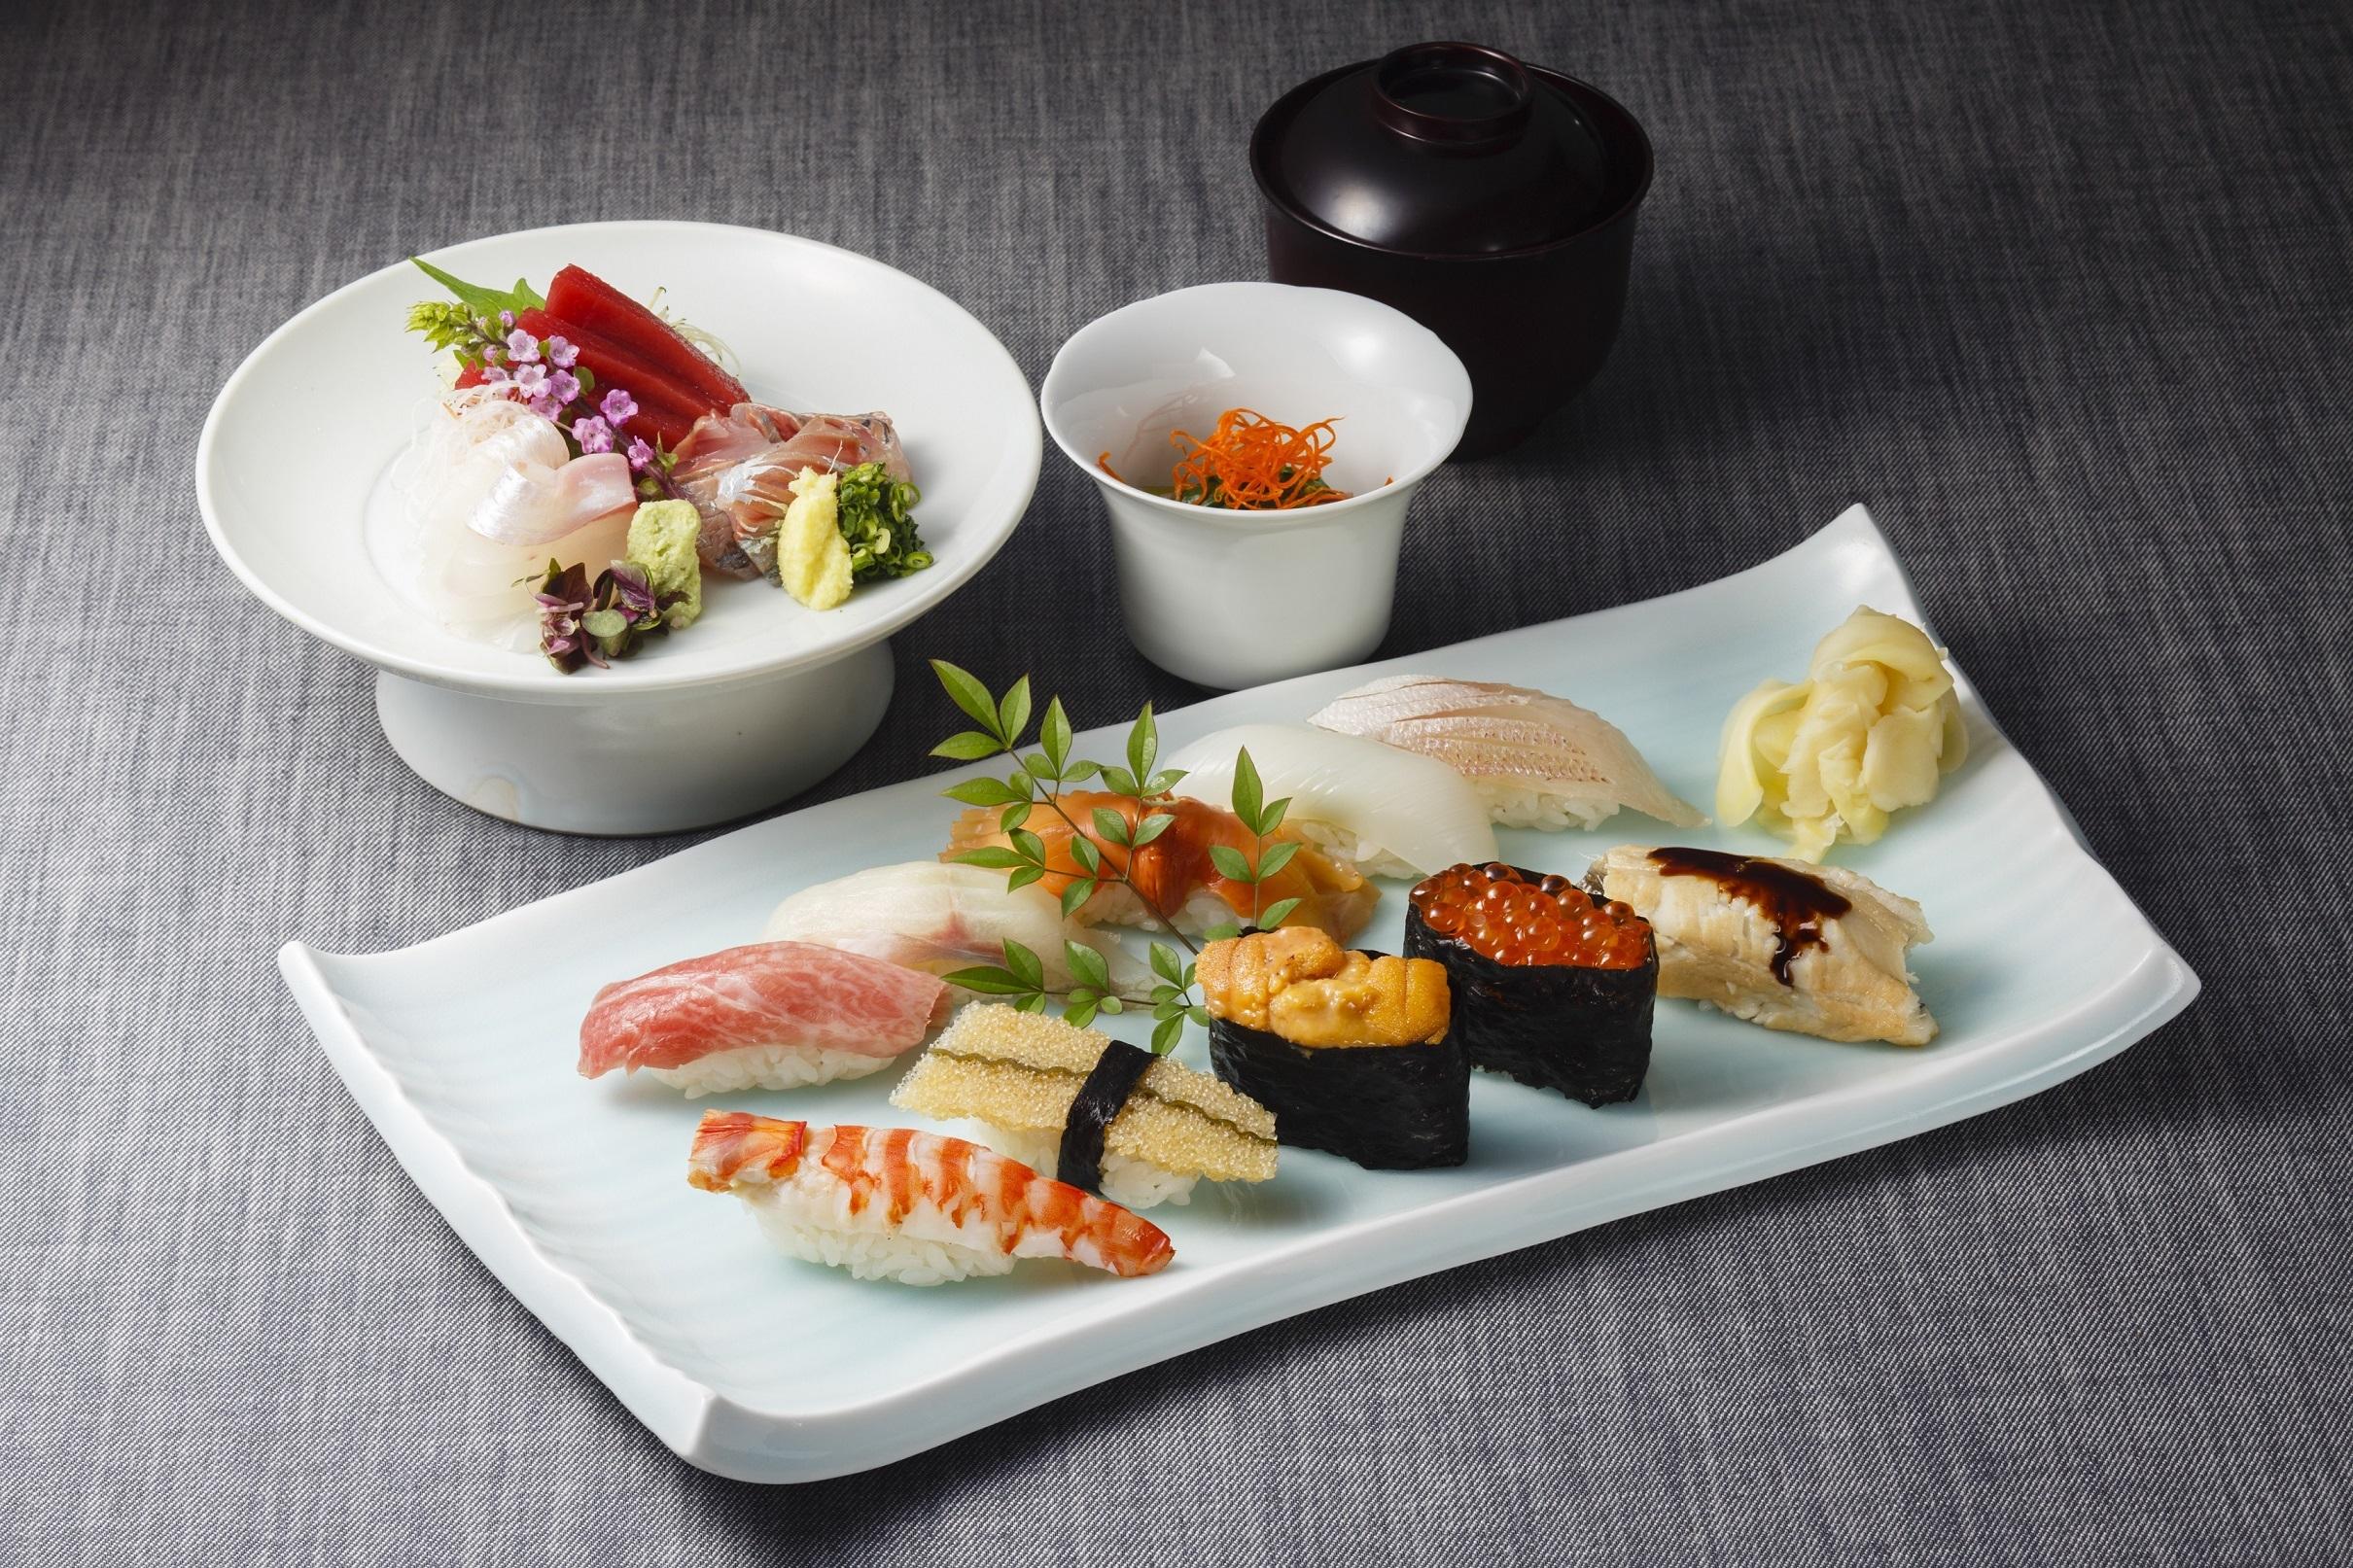 水簾のランチの寿司